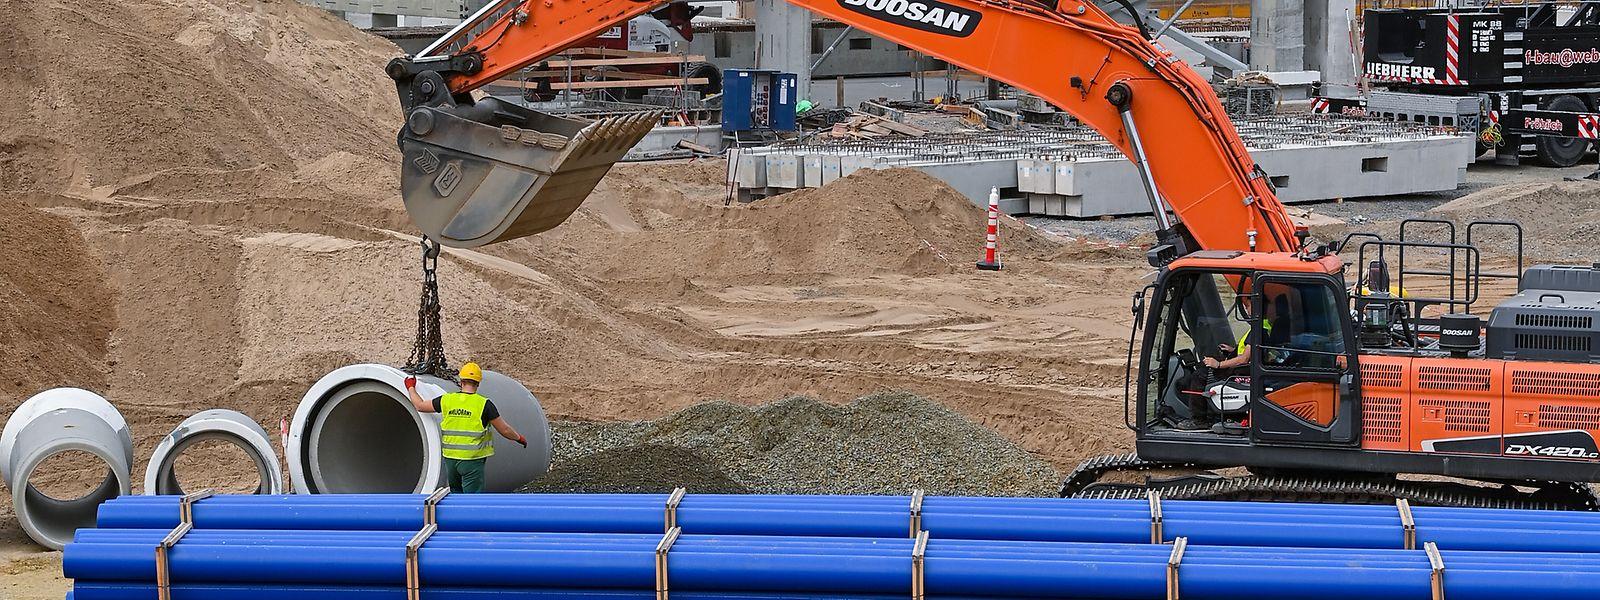 Les entreprises de construction semblent sortir de l'ornière de la pénurie de matériaux de ces derniers mois.